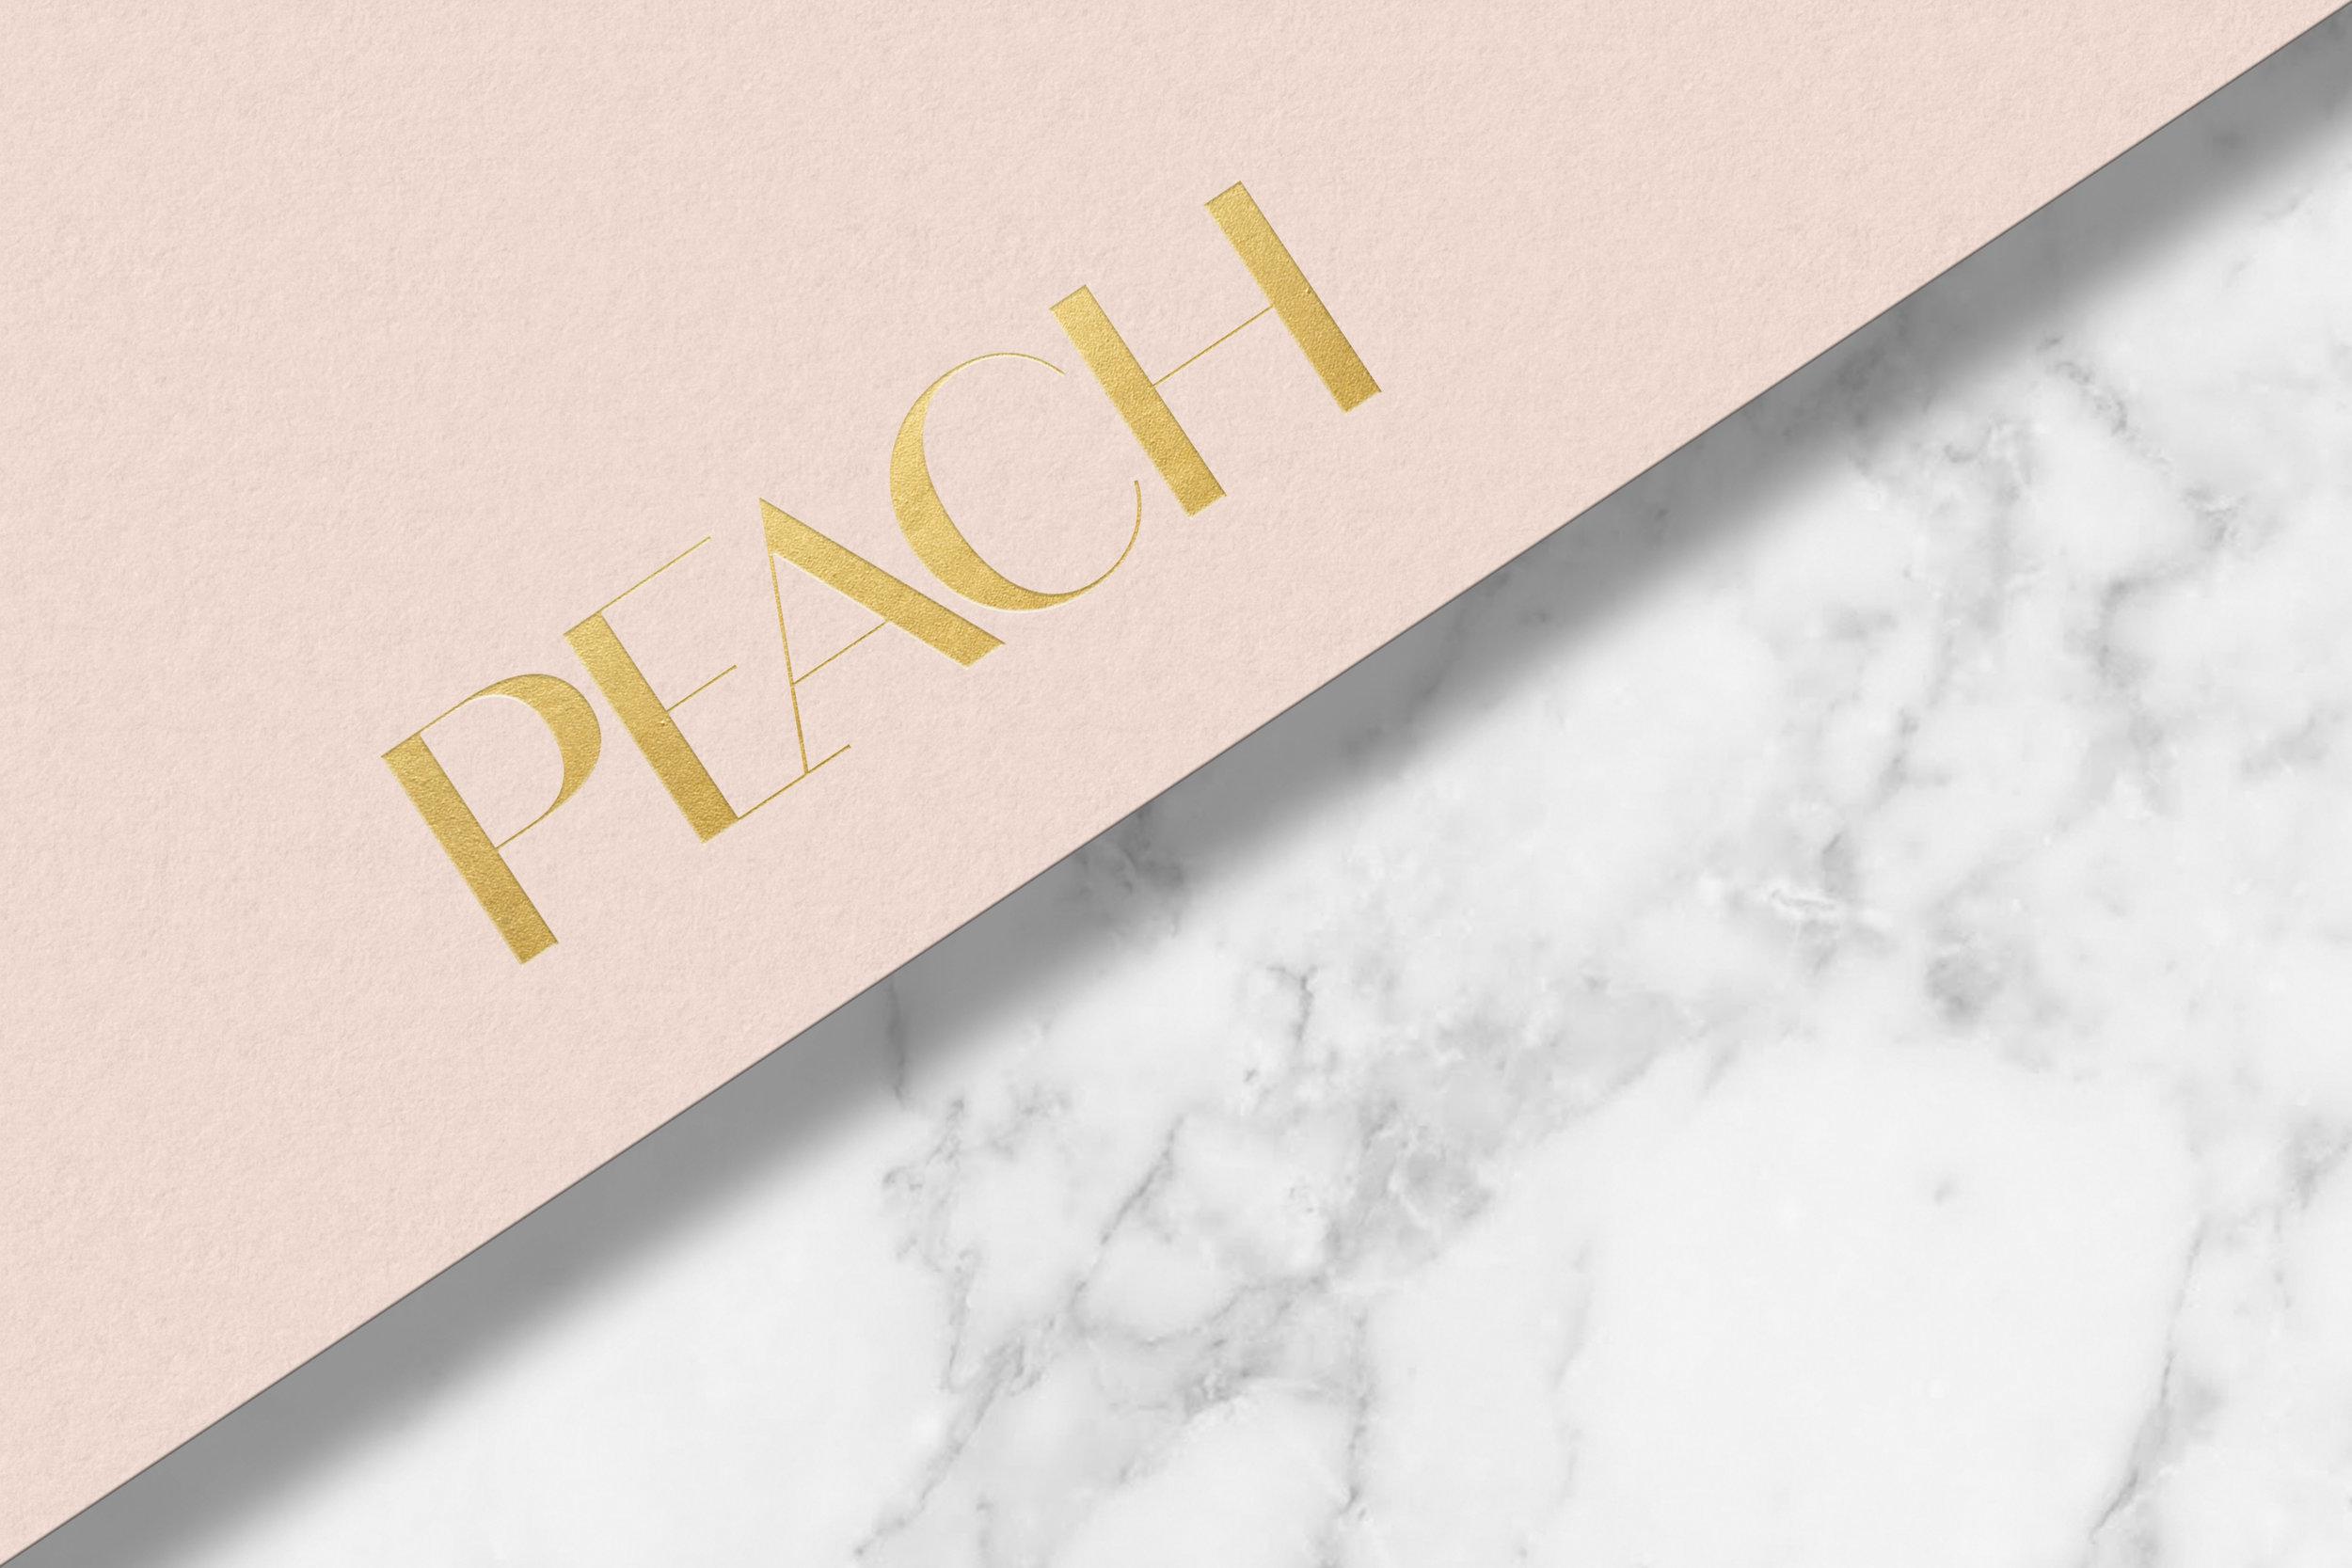 Peach_09.jpg